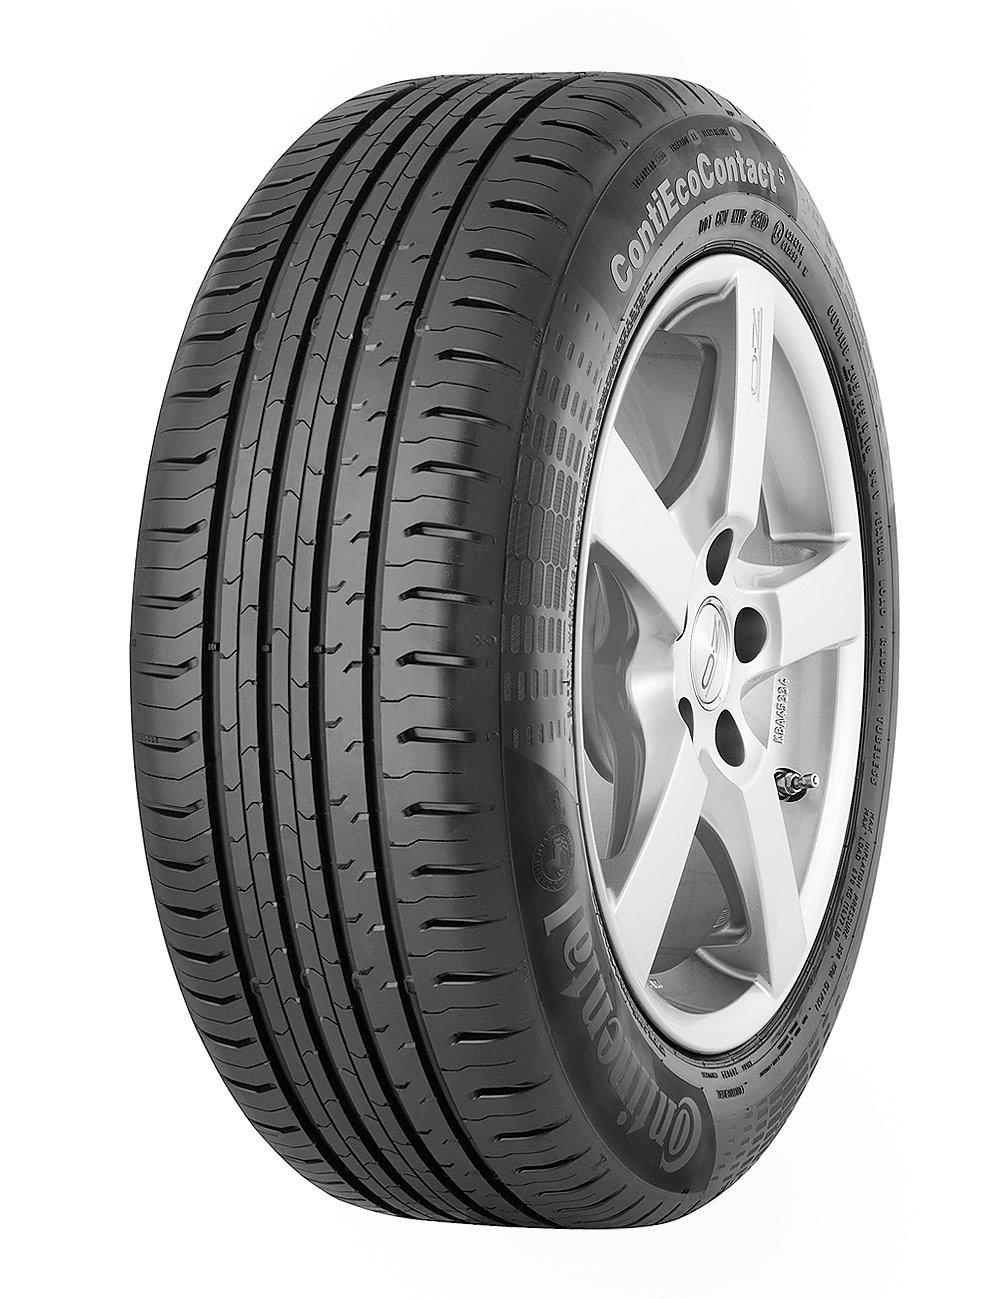 Neumático CONTINENTAL ECOCONTACT 5 205/60R15 95 V